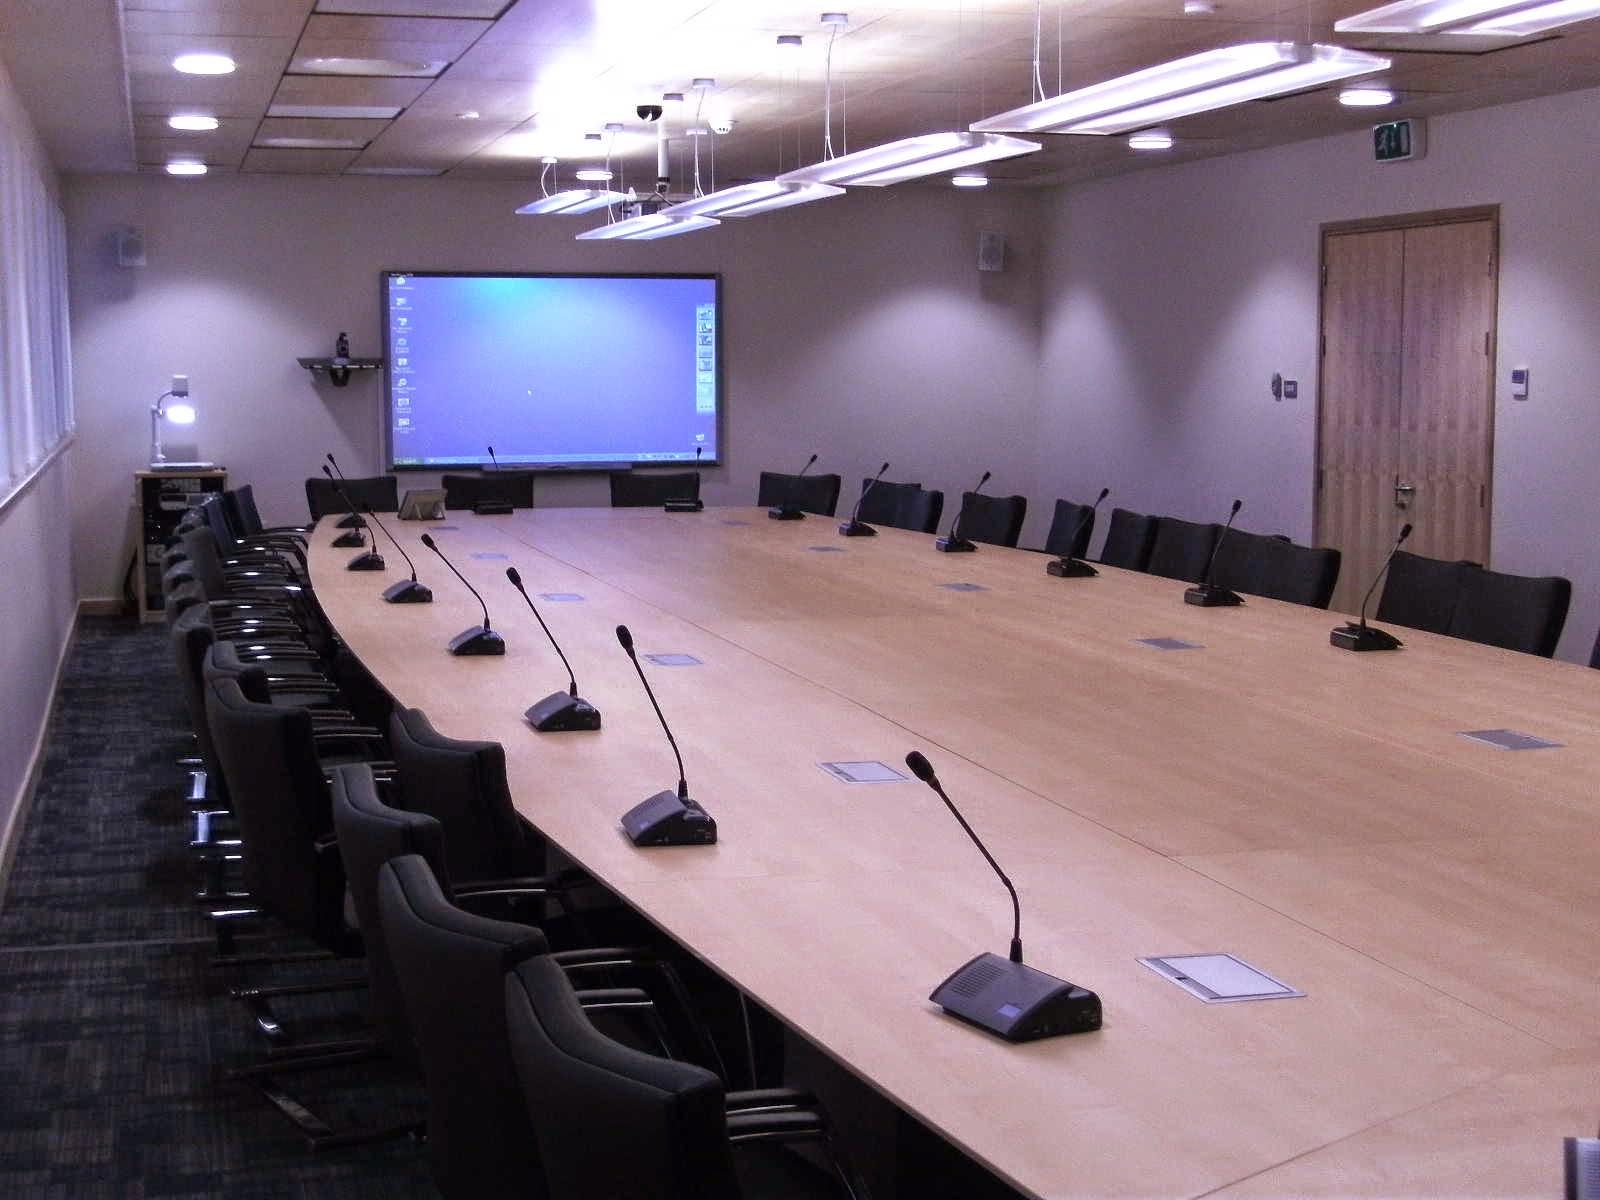 Kiểm soát ánh sáng cho phòng Hội nghị truyền hình chuyên nghiệp hơn